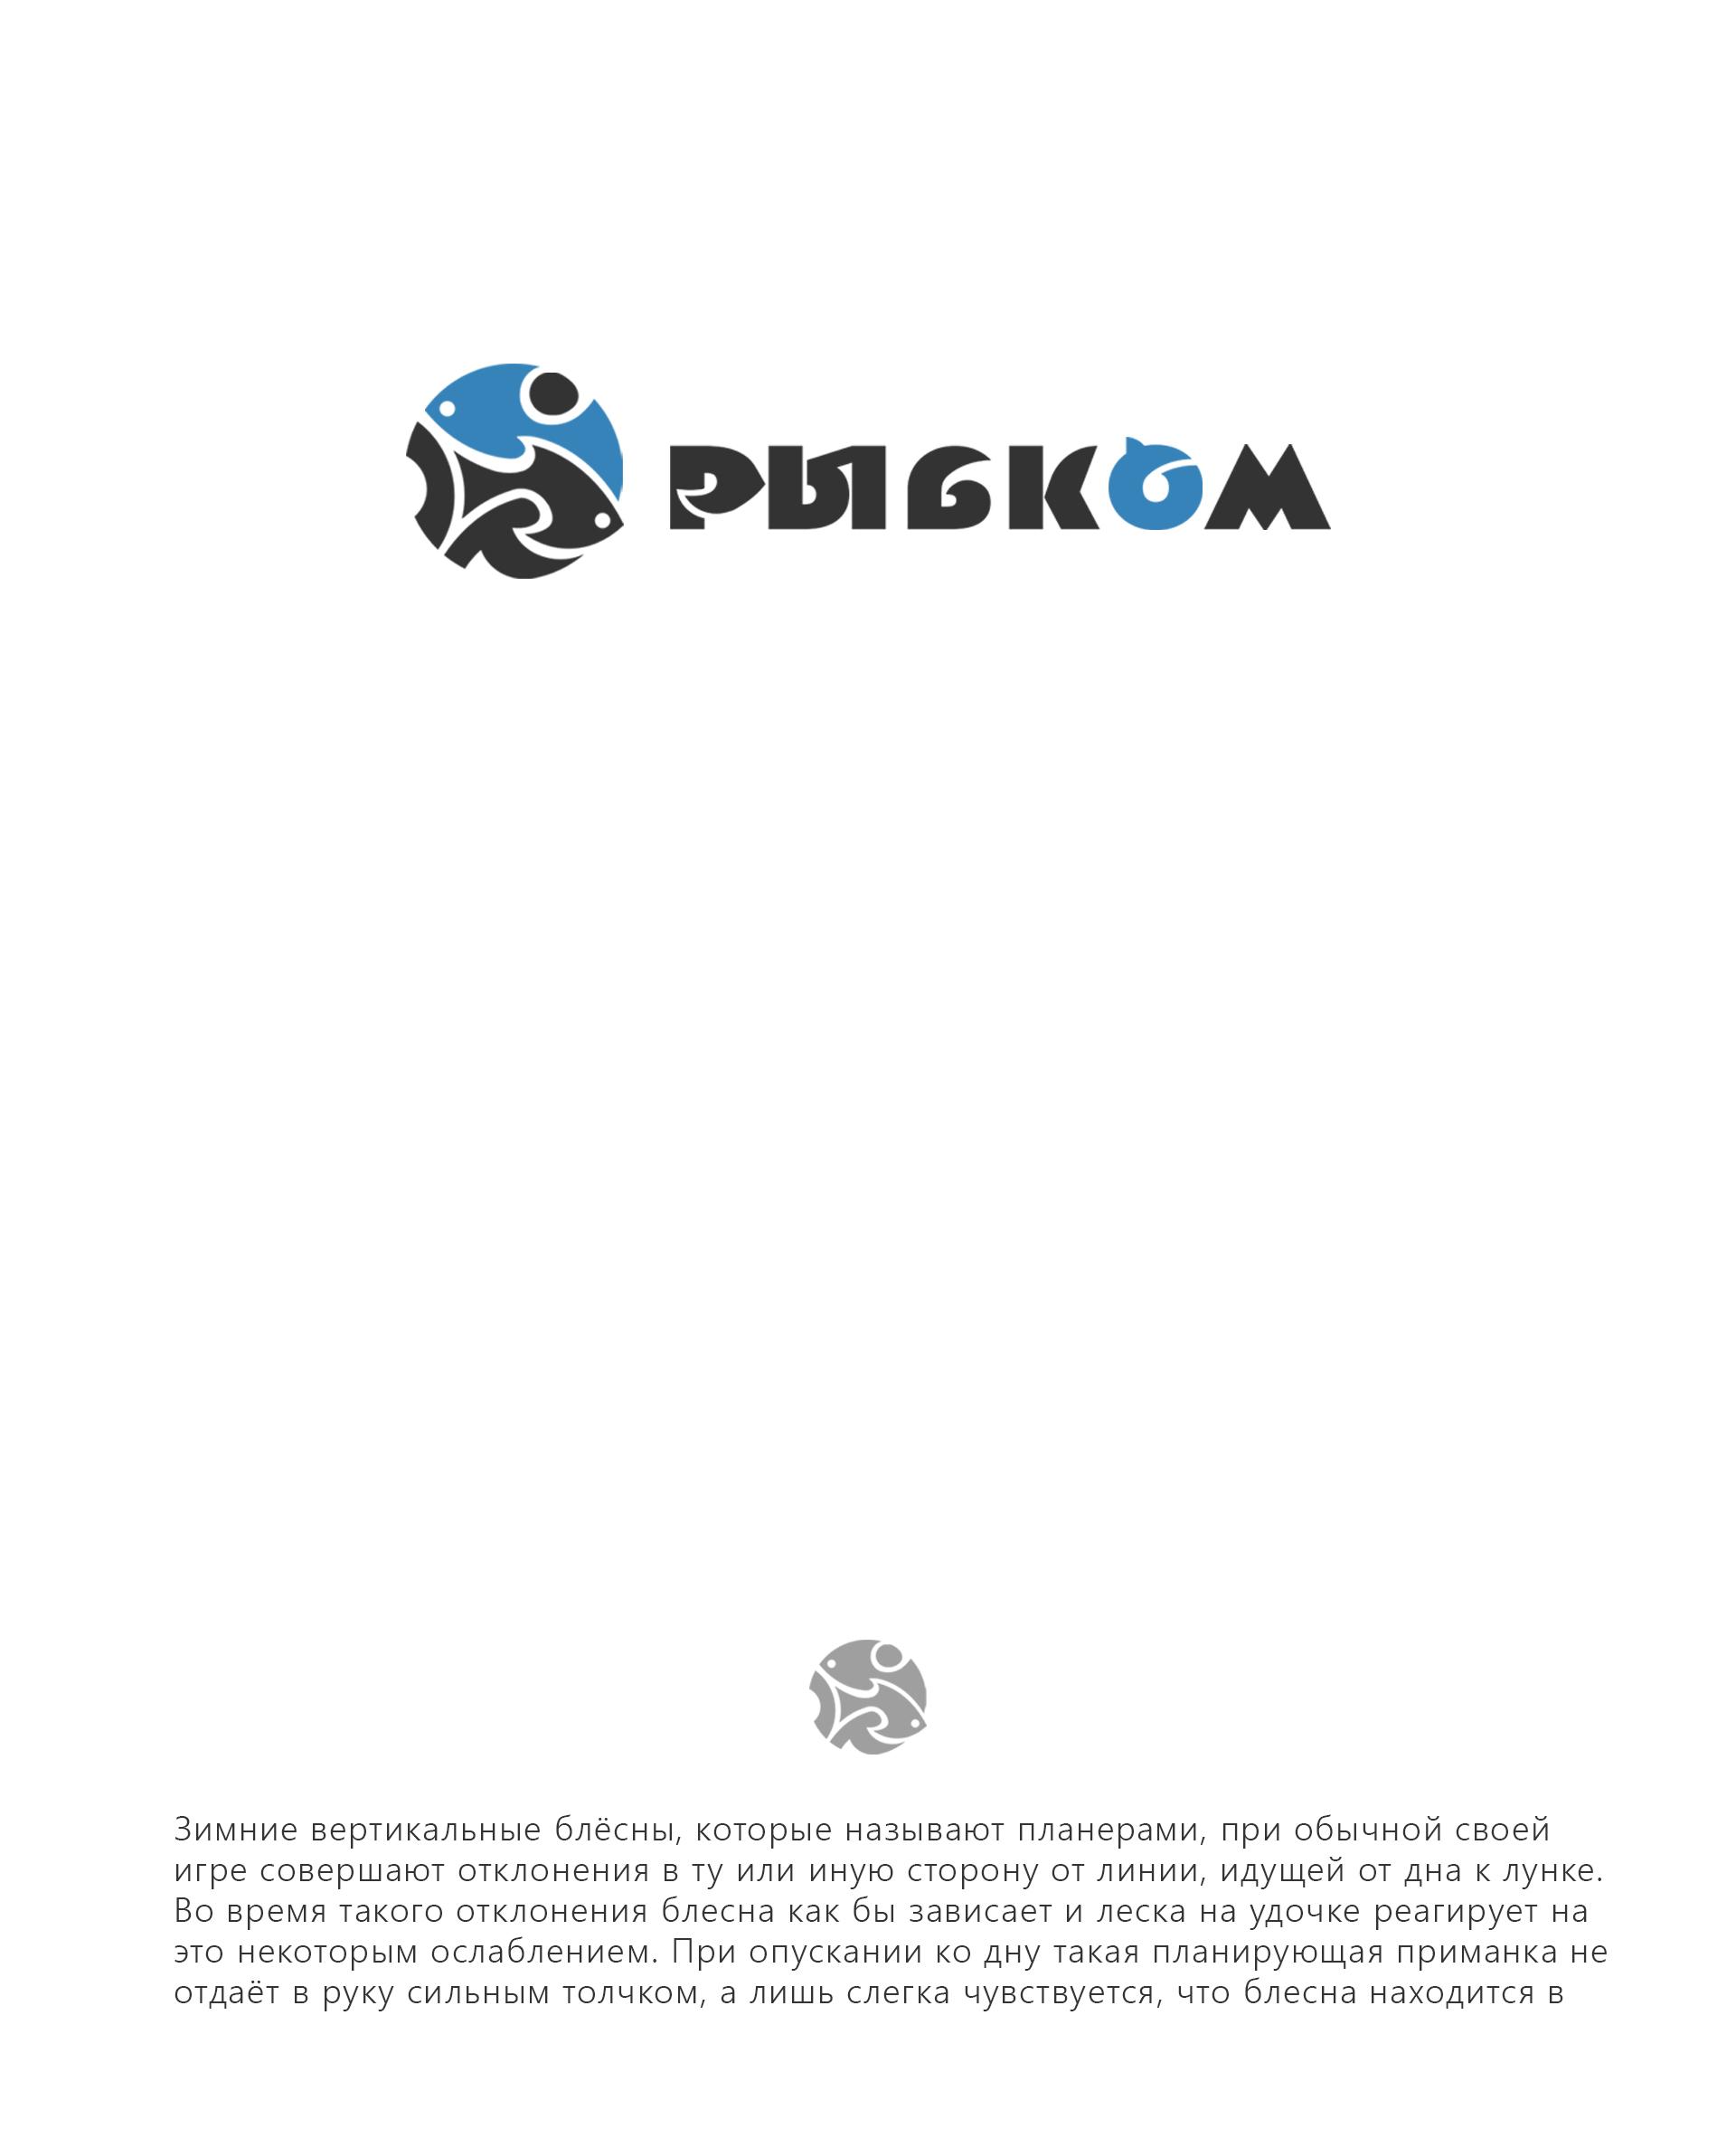 Создание логотипа и брэндбука для компании РЫБКОМ фото f_5955c0d5ff87c591.jpg